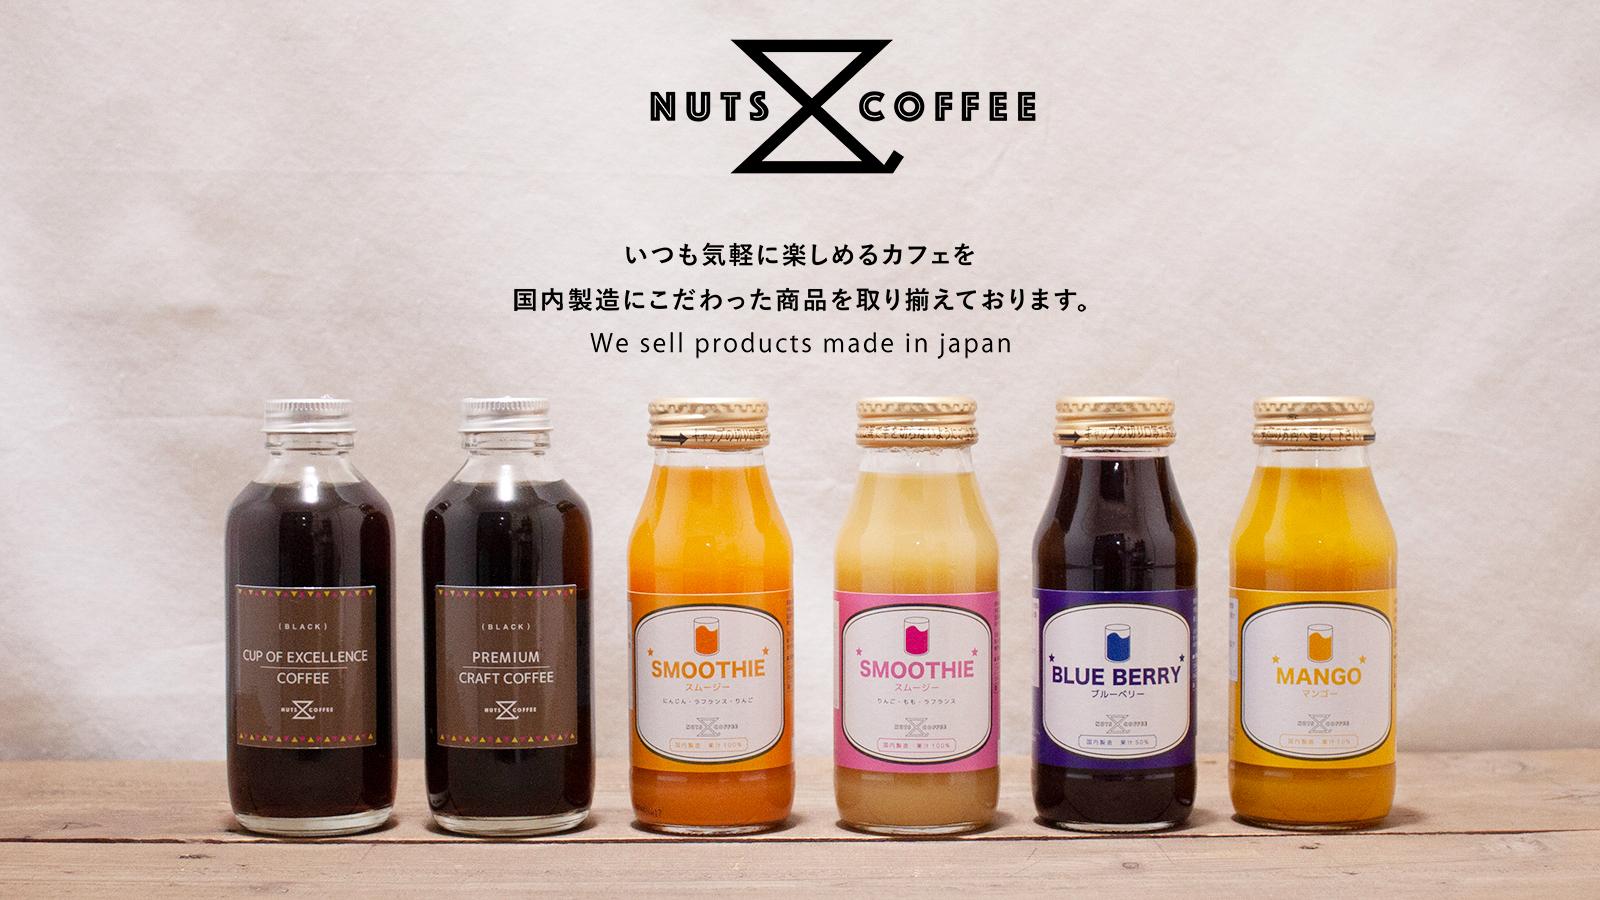 ナッツアンドコーヒーの取り扱っている飲み物の紹介